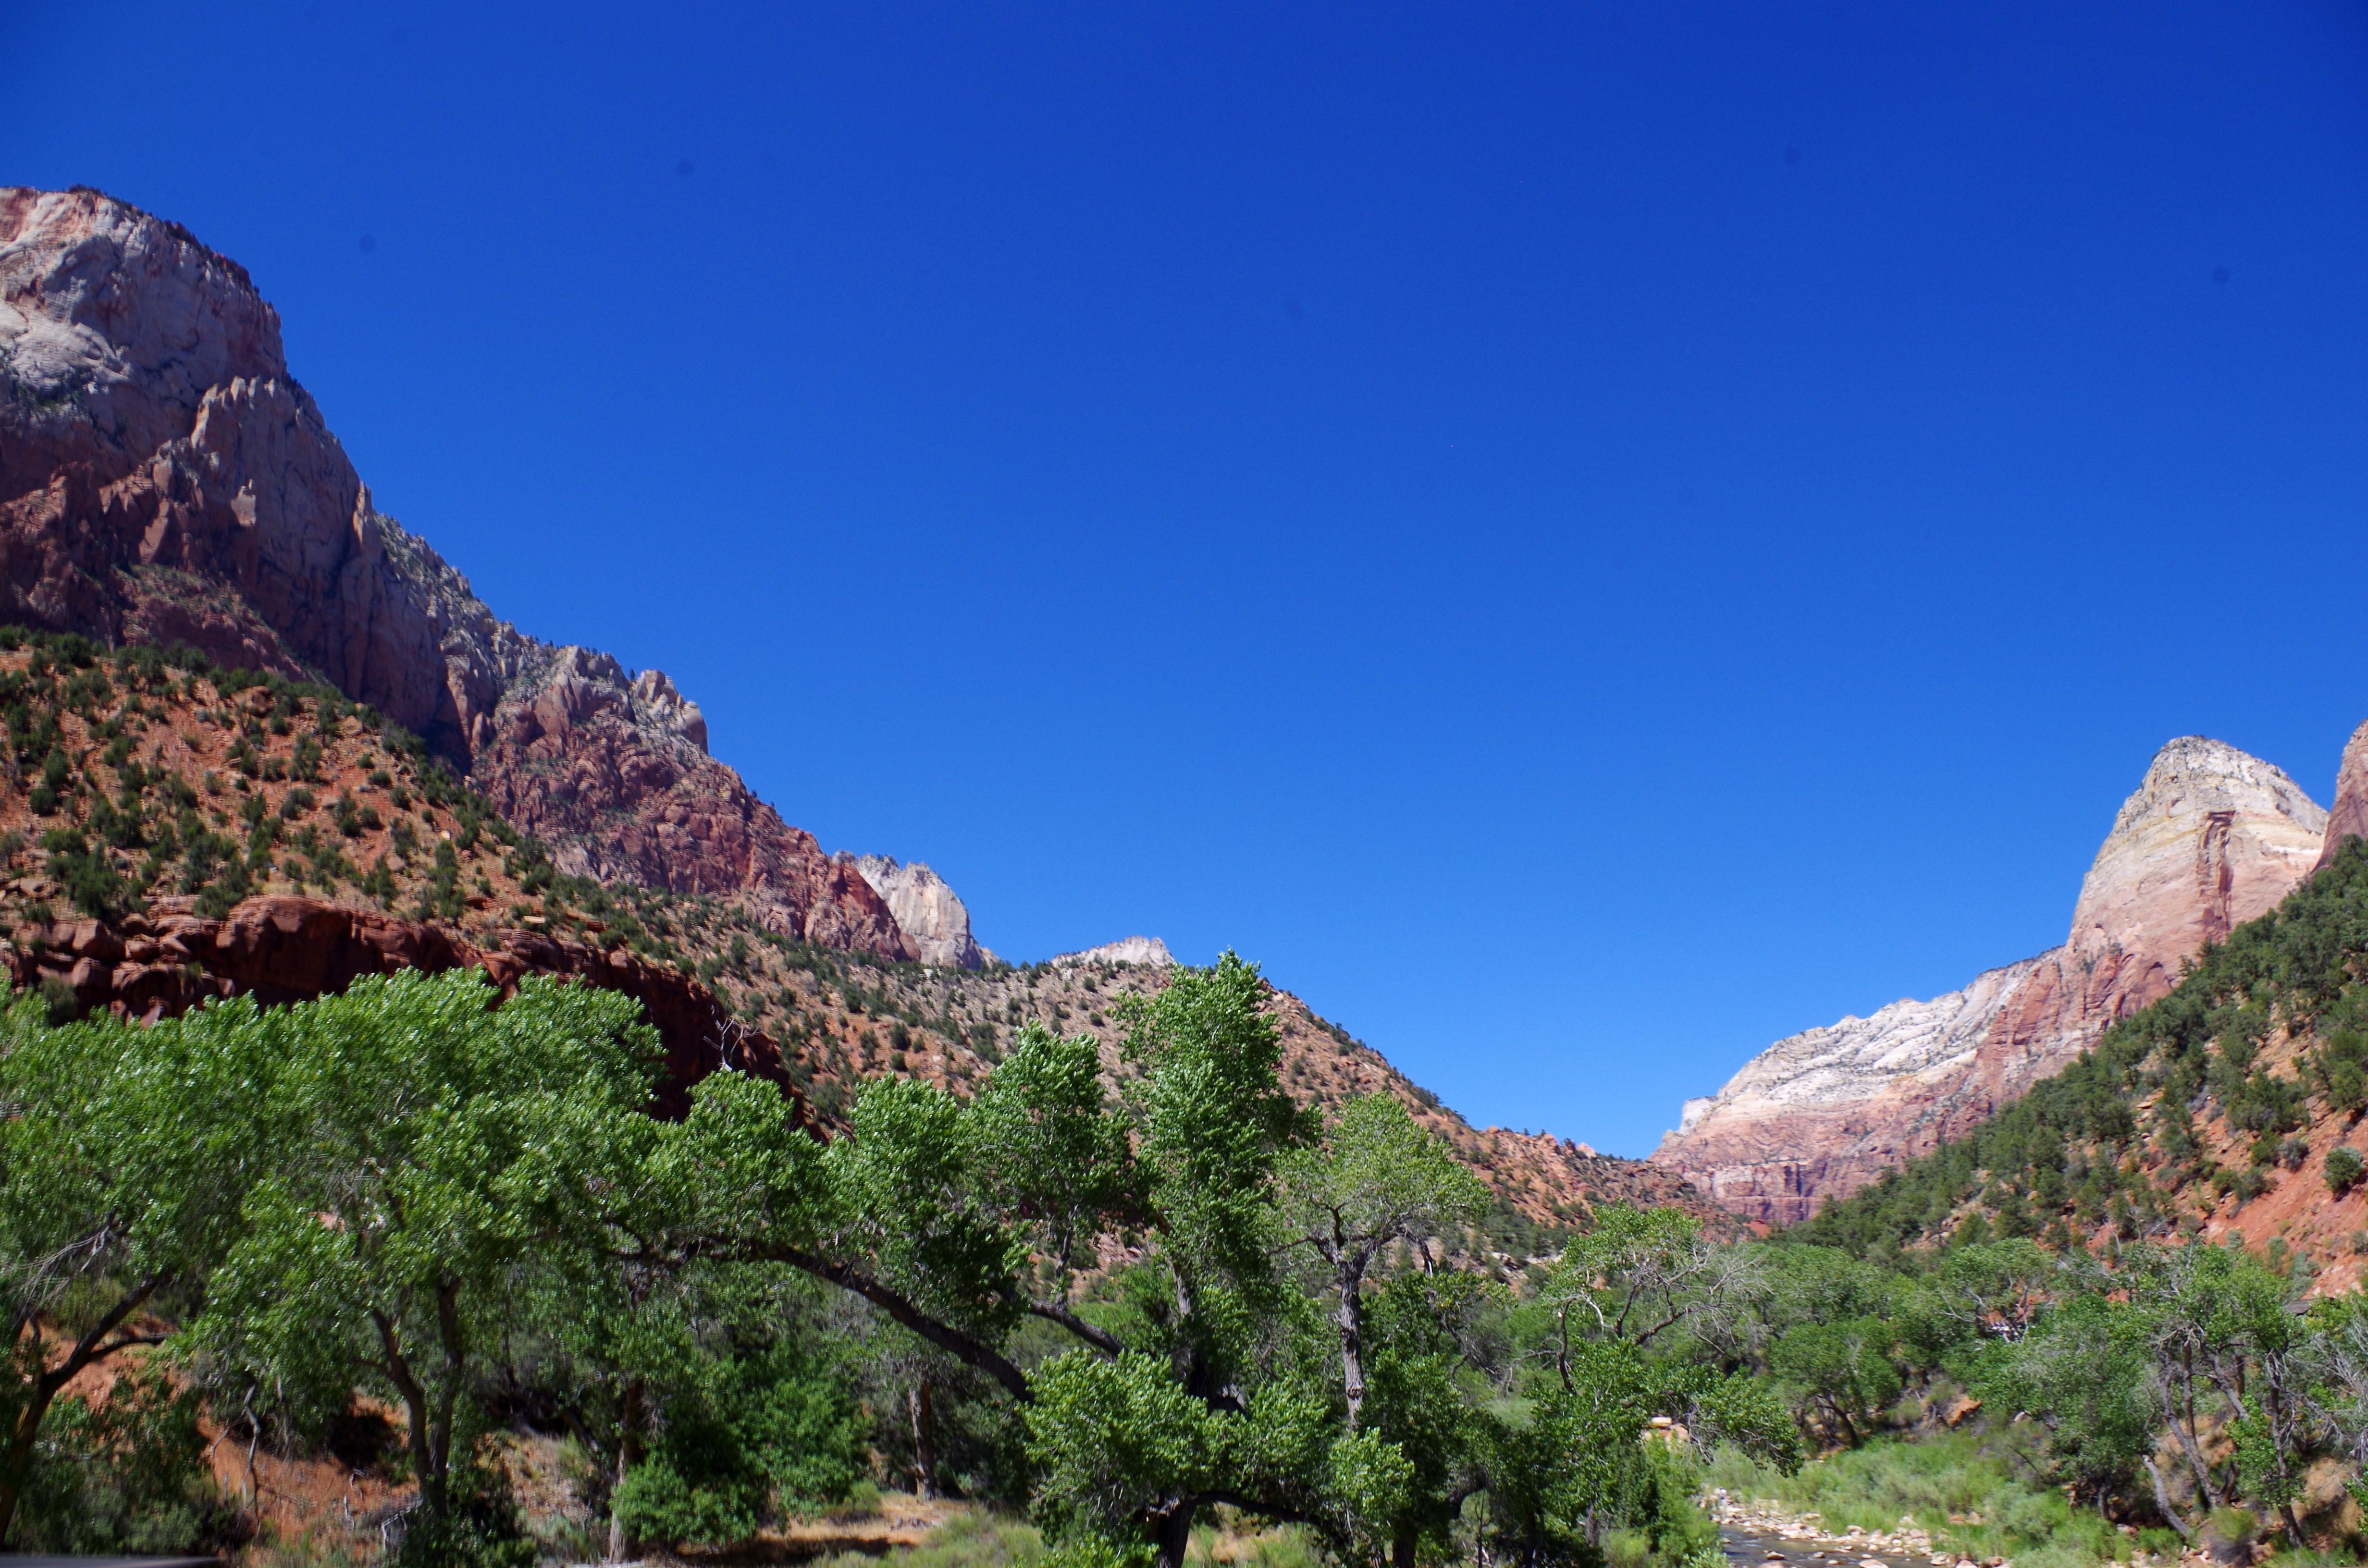 Einzigartige Bergformationen im Zion Nationalpark